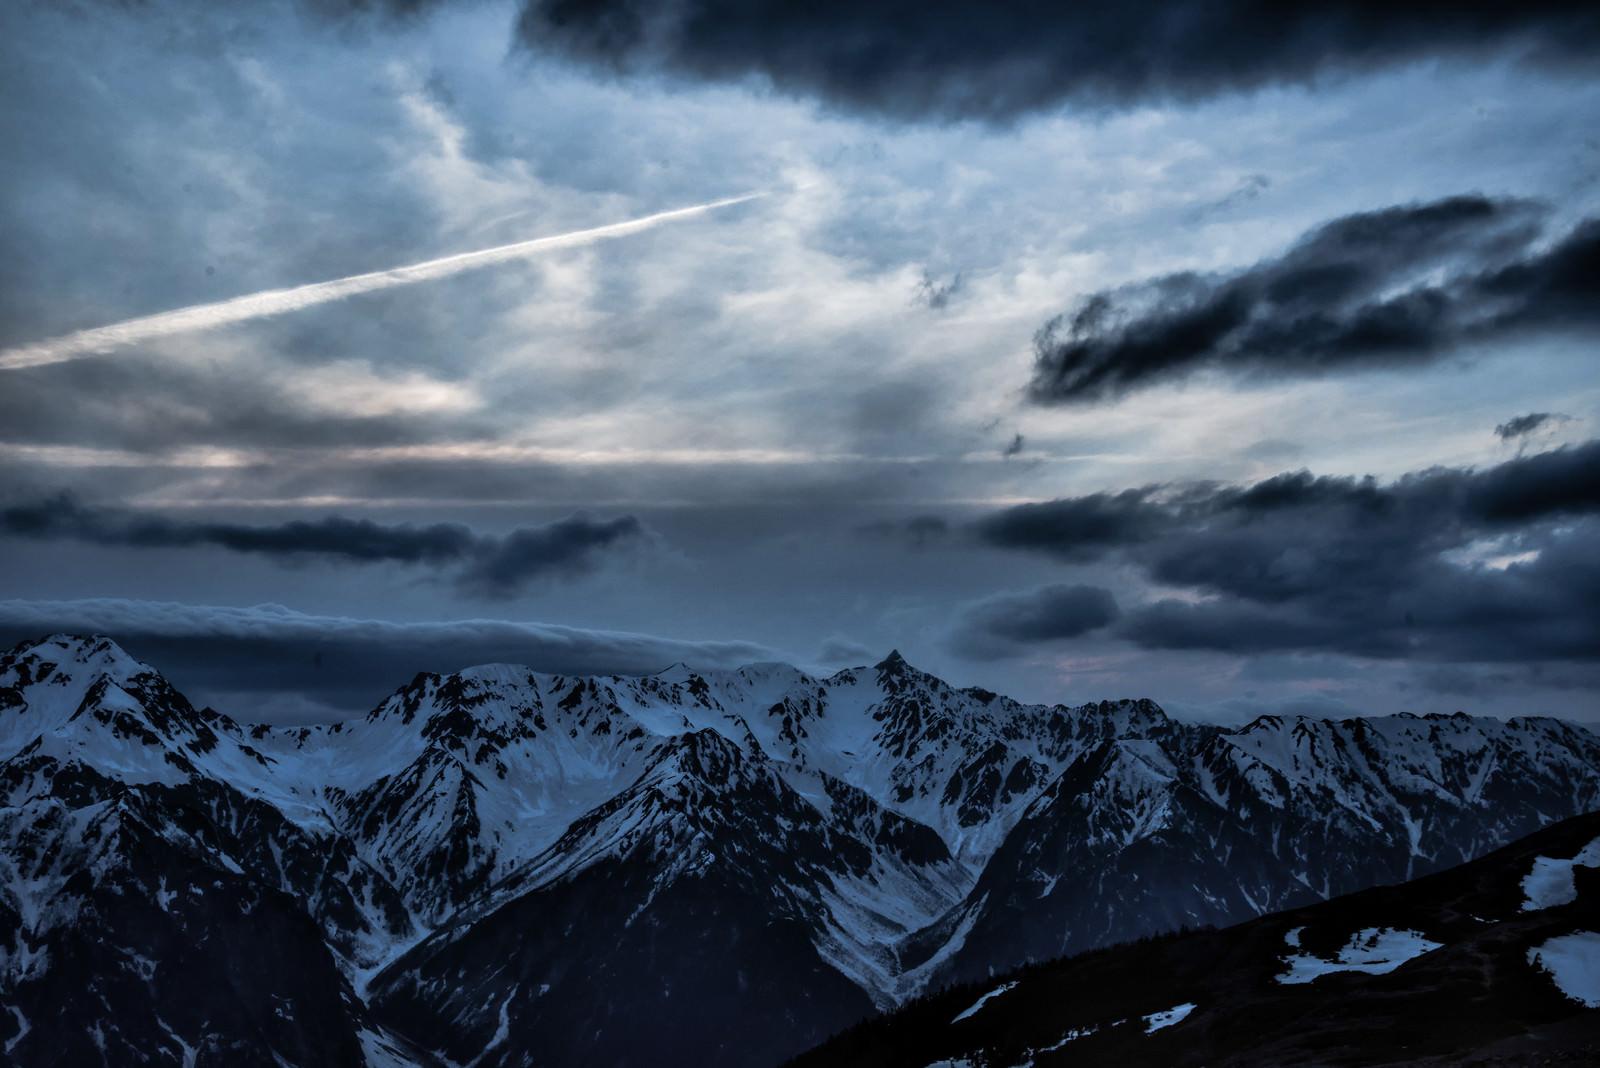 「槍ヶ岳上空の飛行機雲」の写真